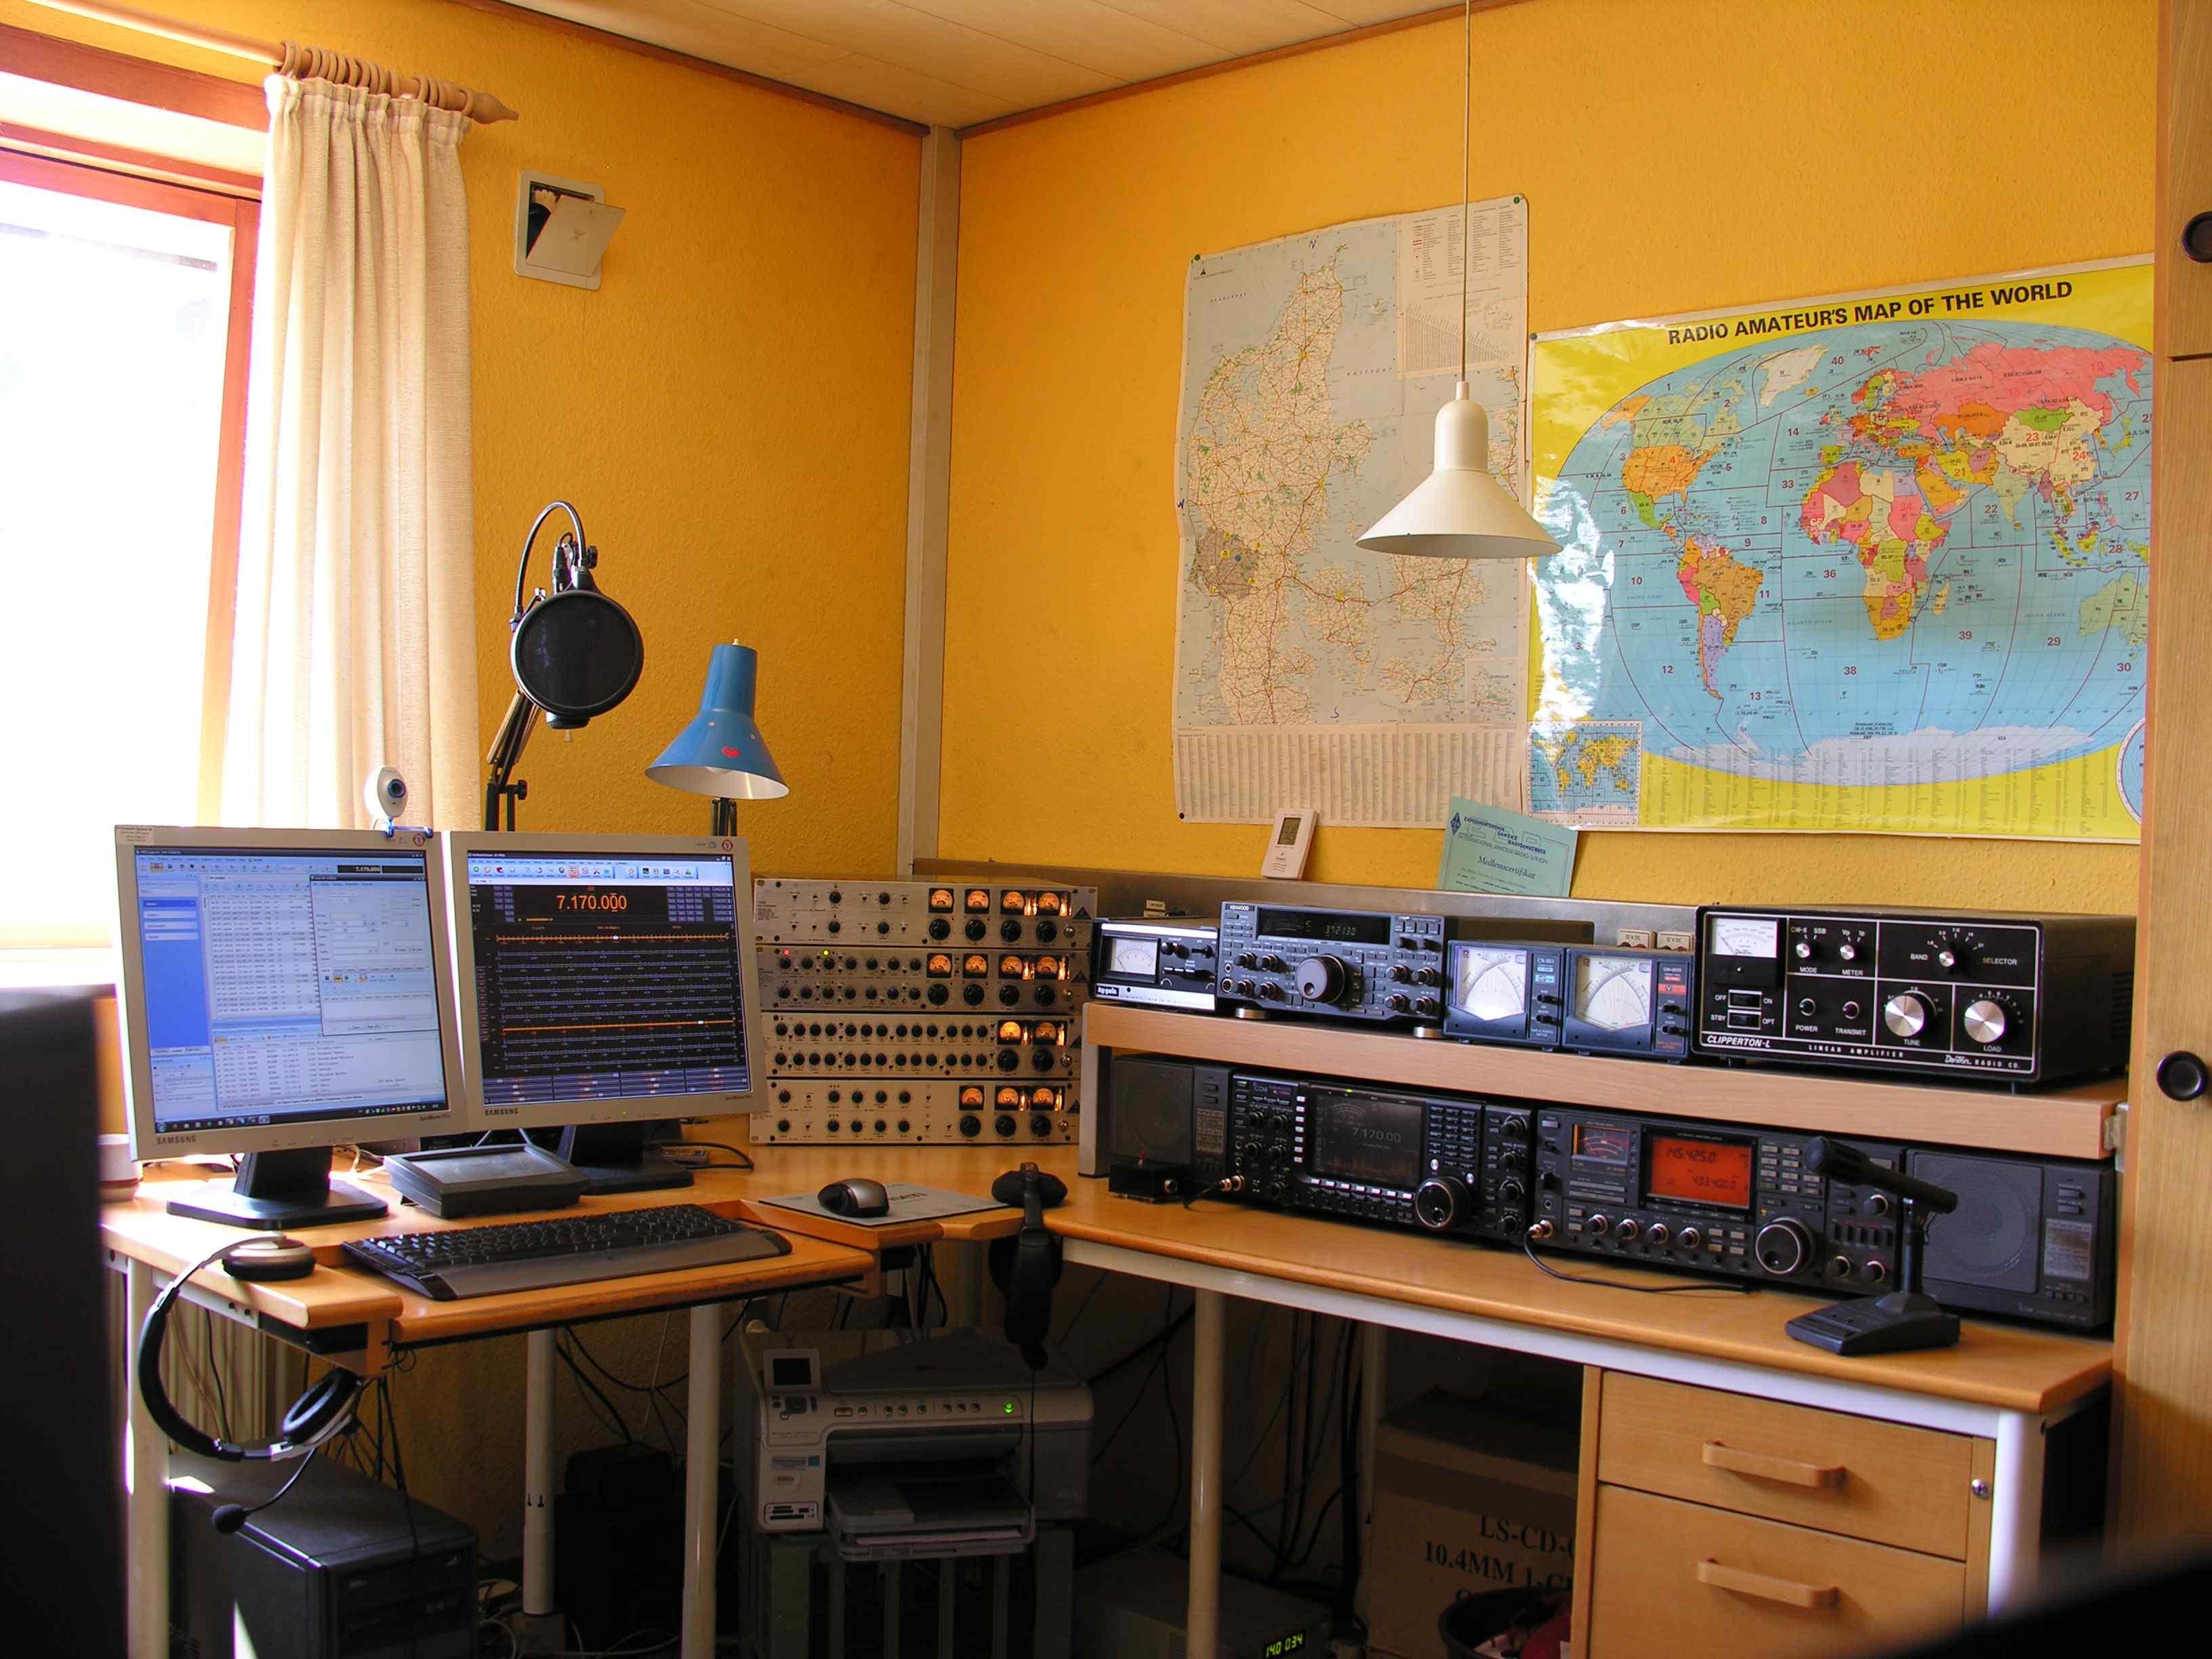 Amateur Radio Station Wb4omm: OZ2PM Hi-Fi ESSB Voodoo Audio Amateur Radio Station